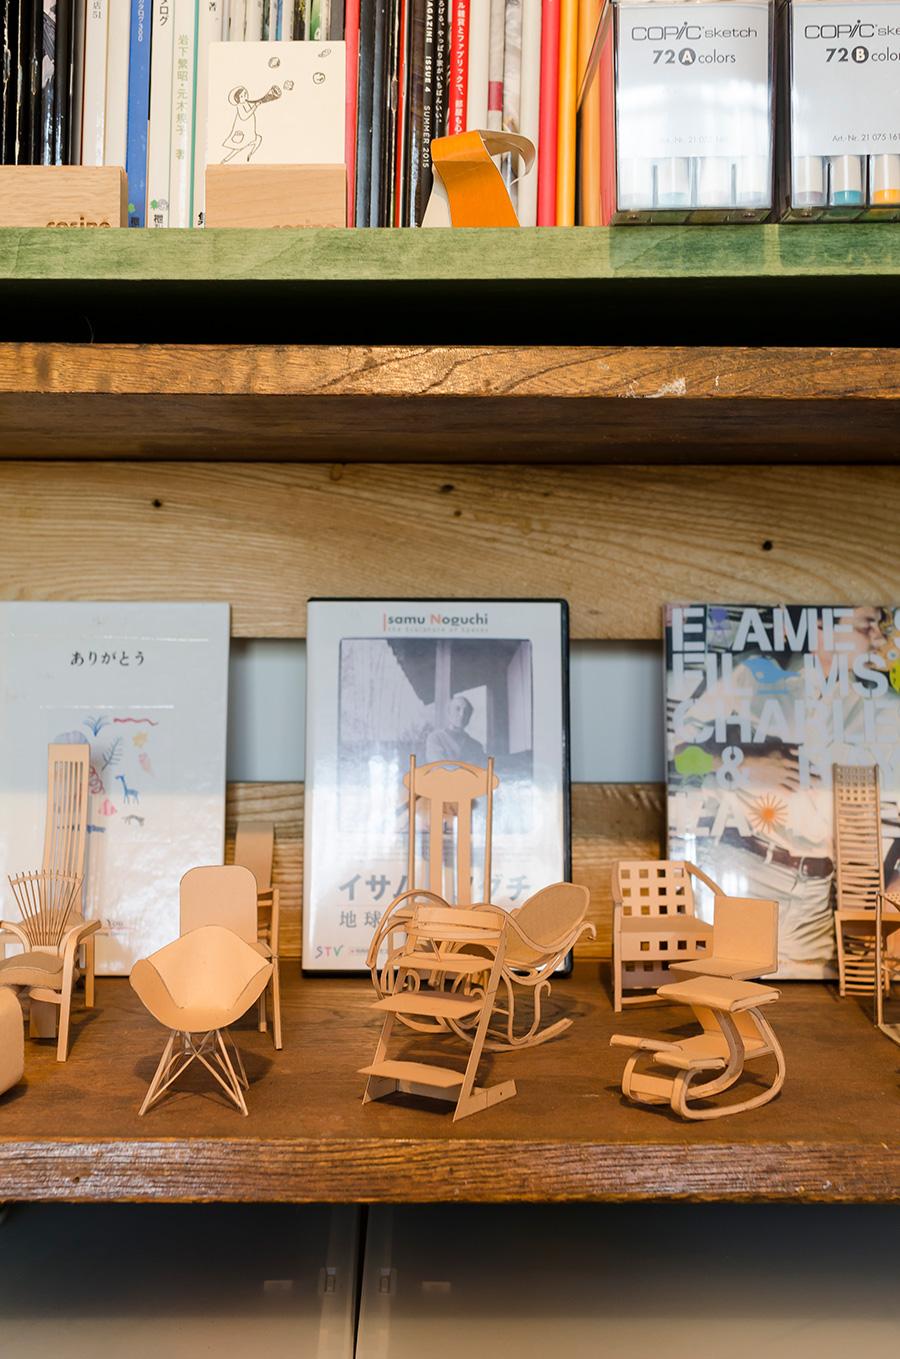 飾り棚に並ぶ椅子のミニチュア模型。